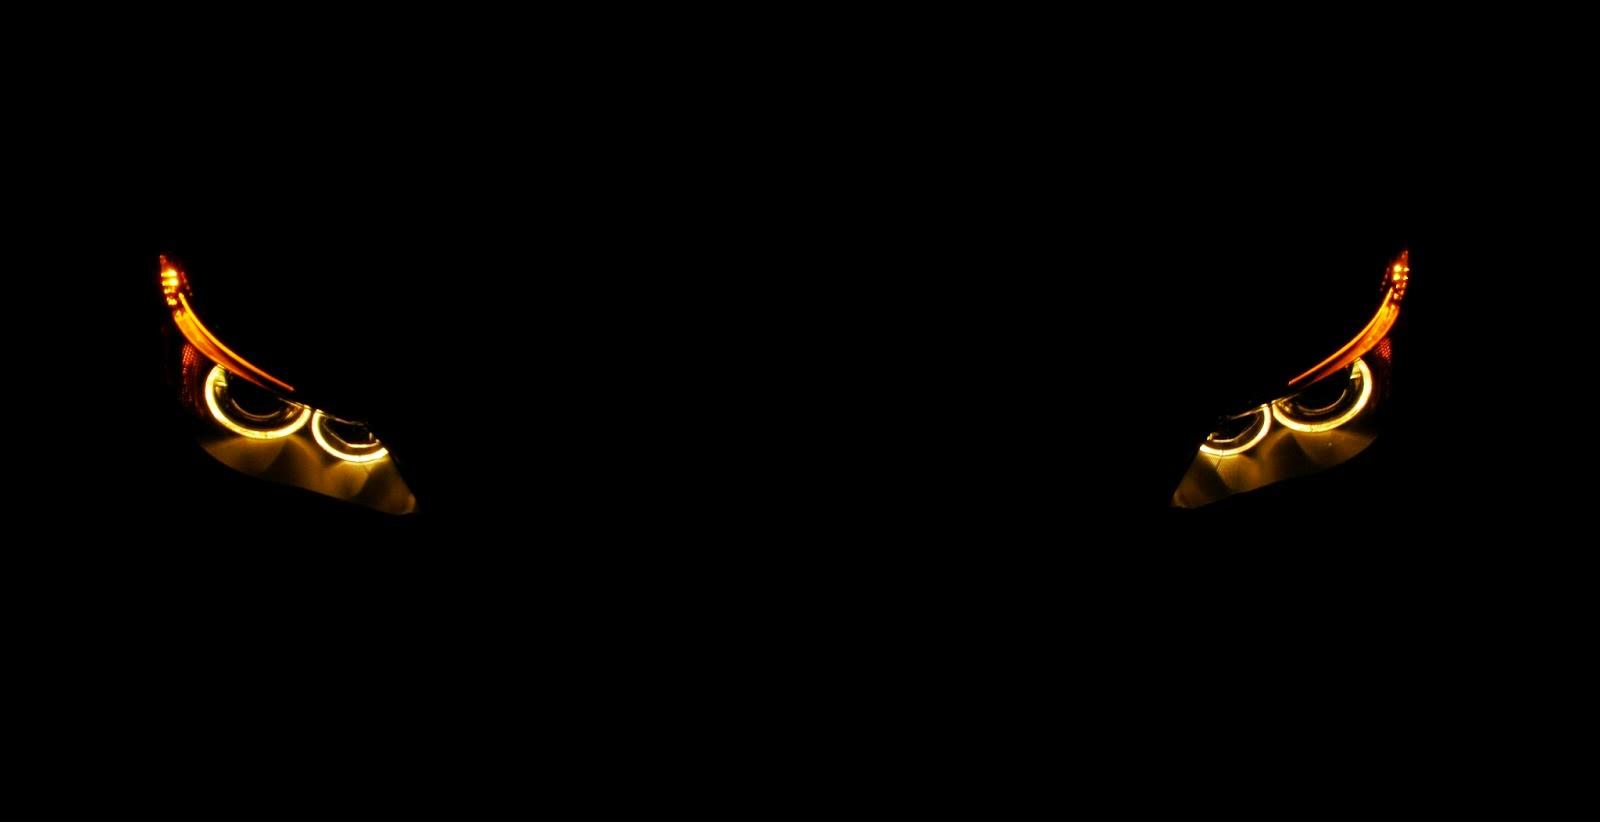 Modifikasi Lampu Supra X 125 Lebih Terang